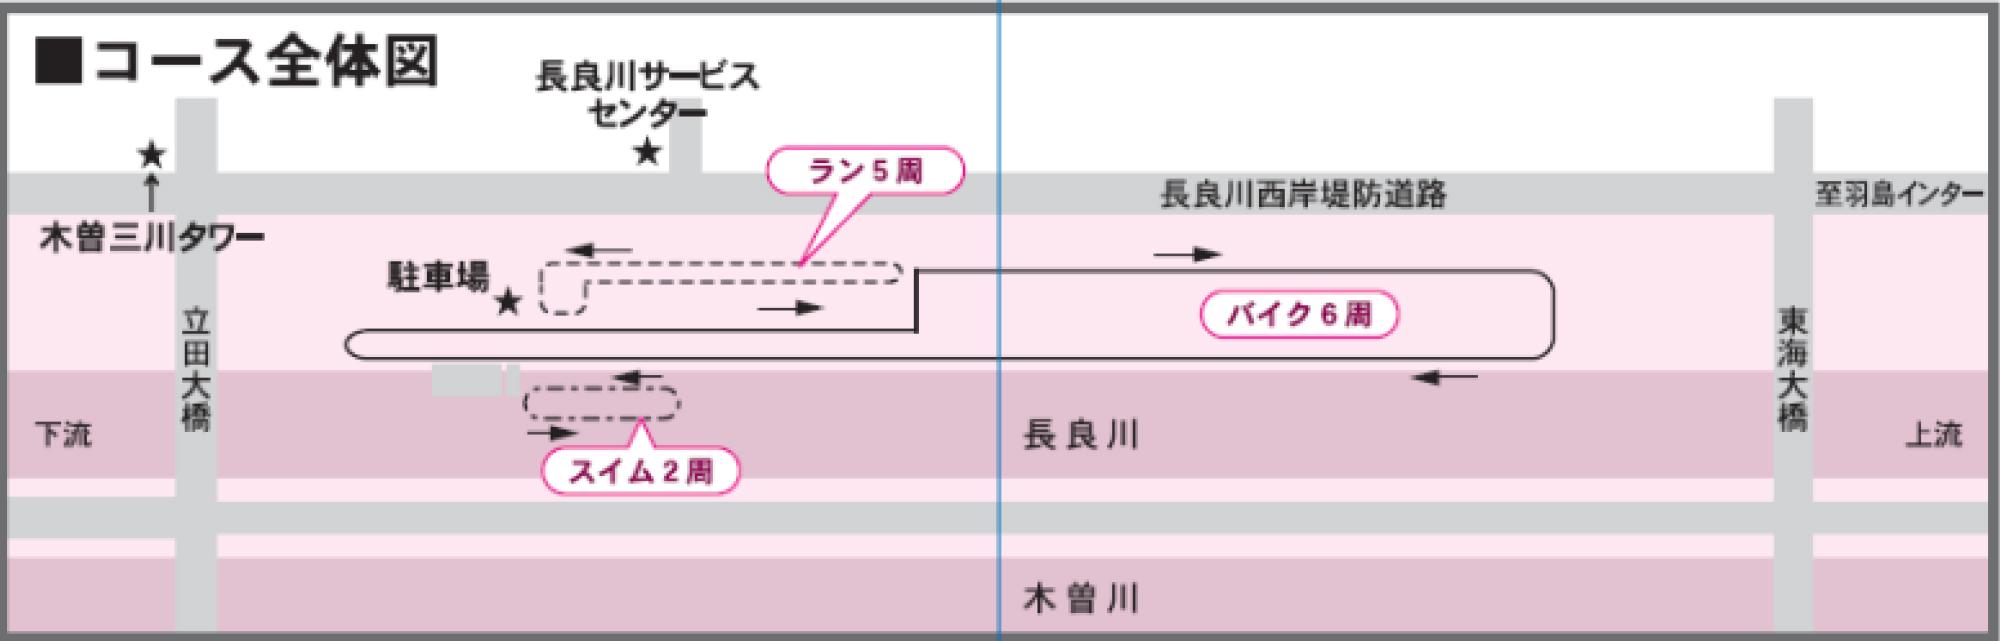 2020 長良川 トライアスロン